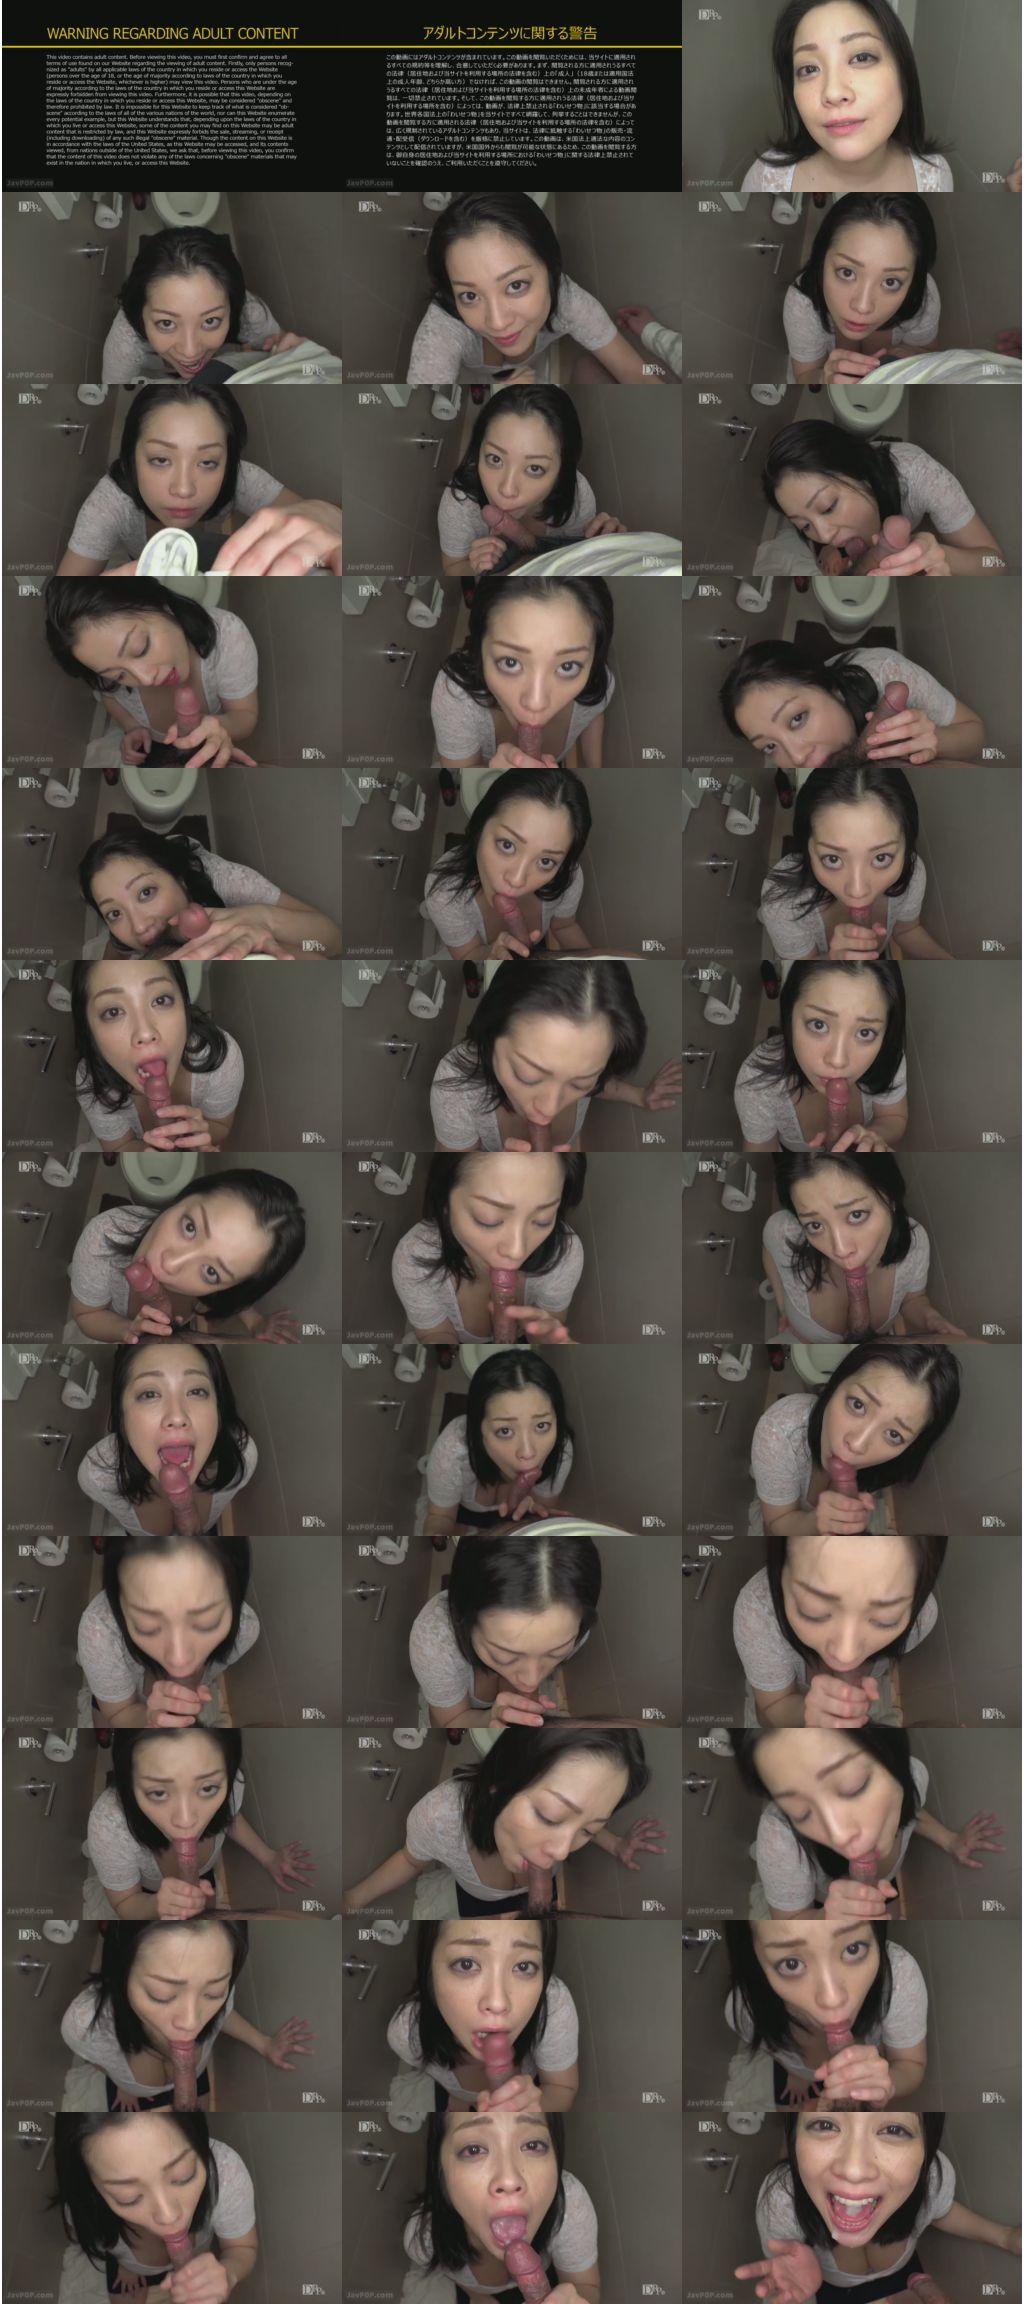 [Caribbeancom-051619_001] カリビアンコム 051619-001 THE 未公開 ~個室トイレでこっそりしゃぶるの大好き~小向美奈子